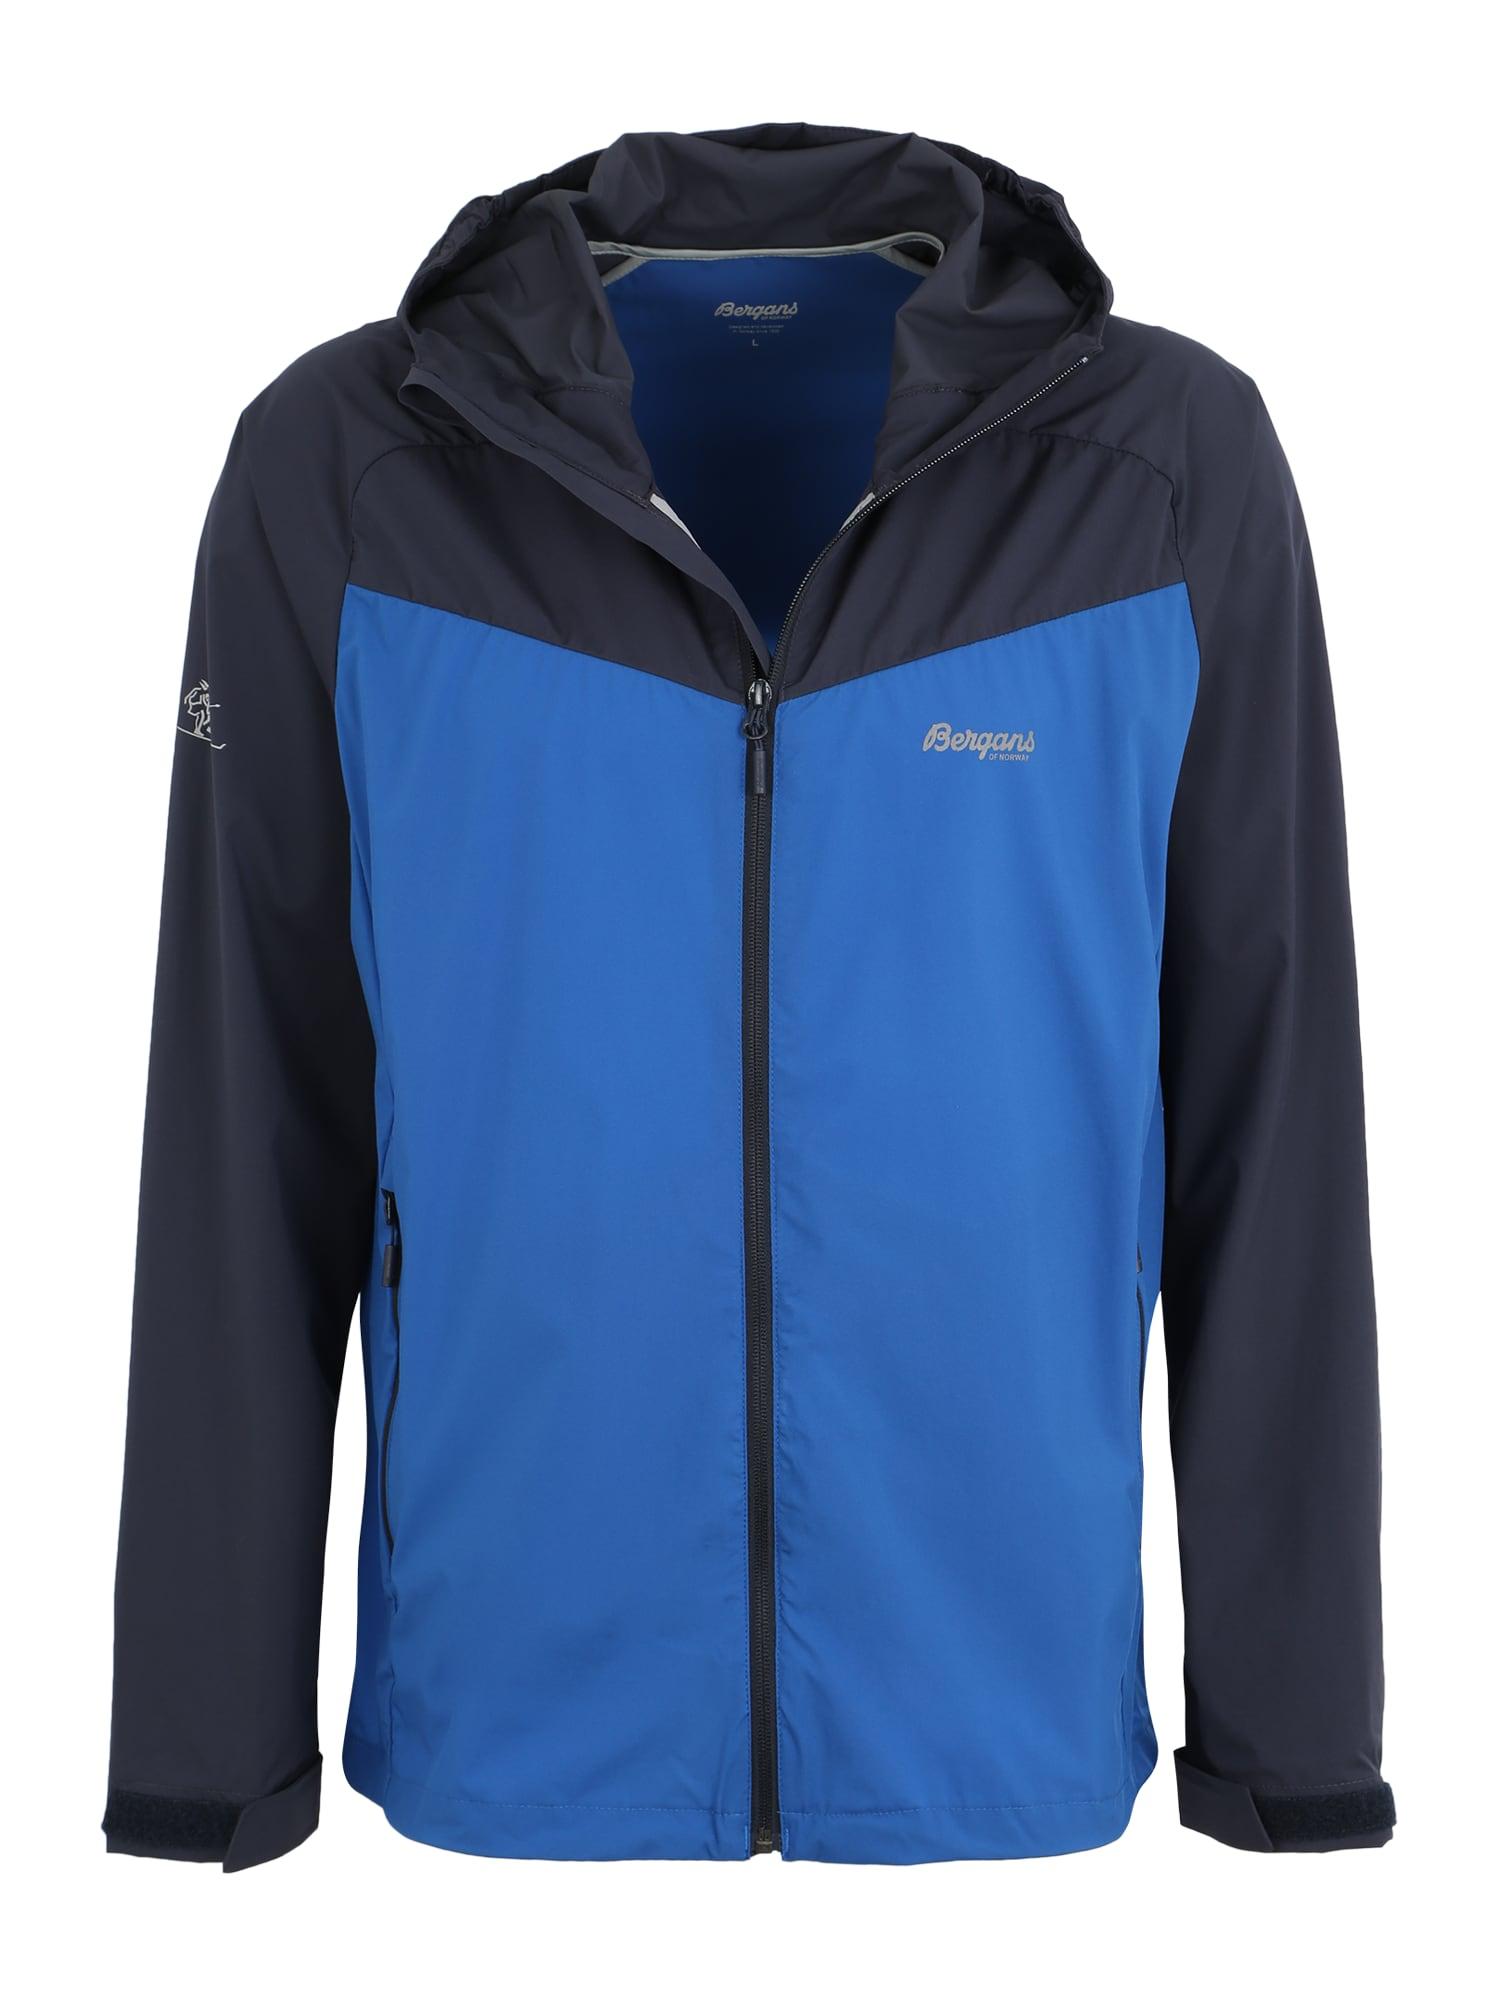 Sportovní bunda Microlight modrá tmavě modrá Bergans